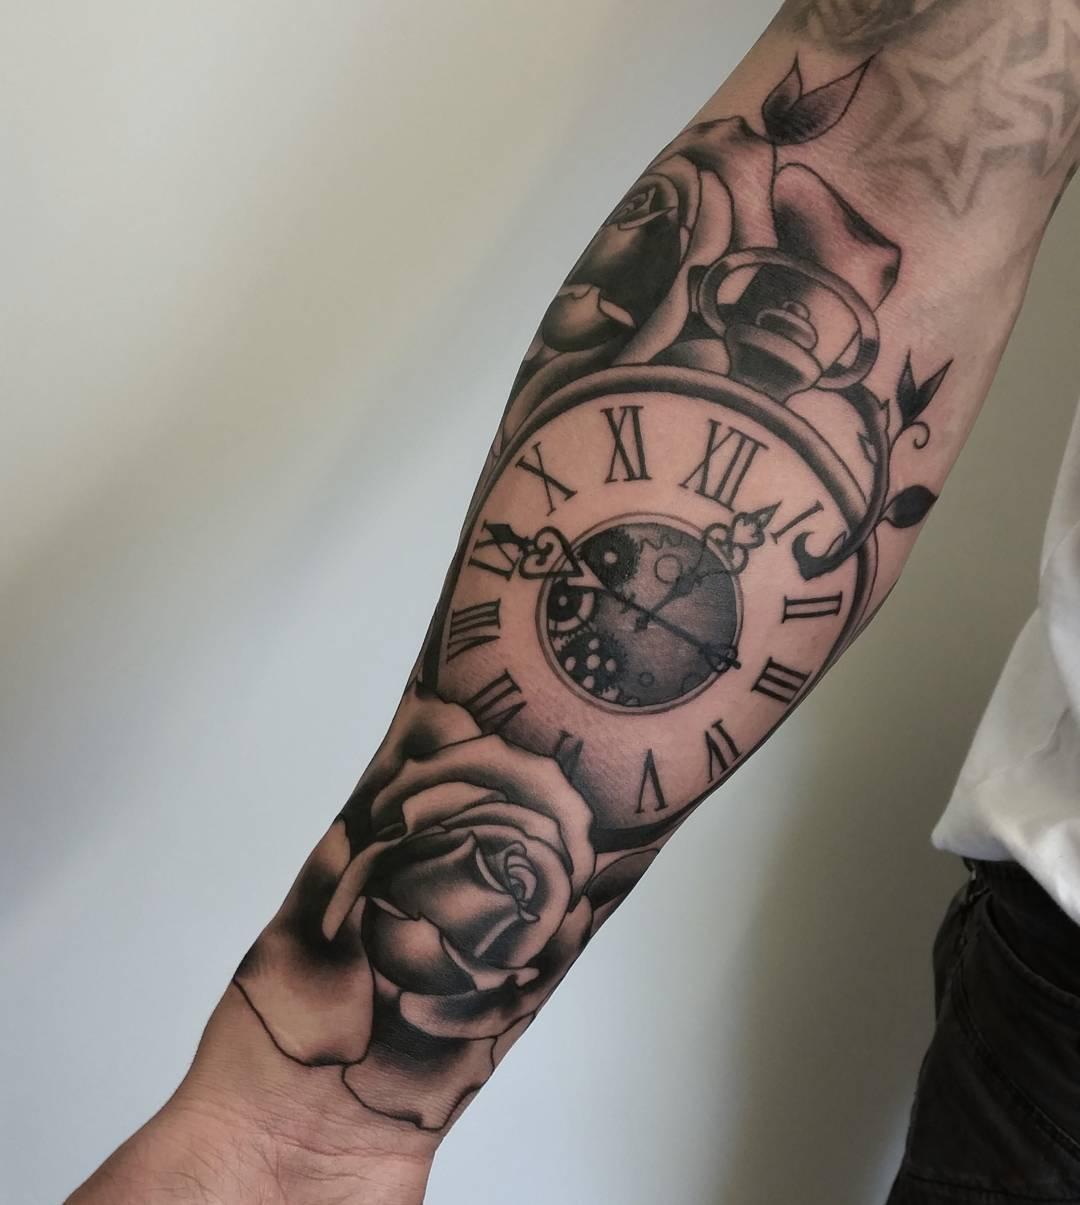 深圳纹彩刺青 纹身图案大全  时间:2019-03-02 14:16